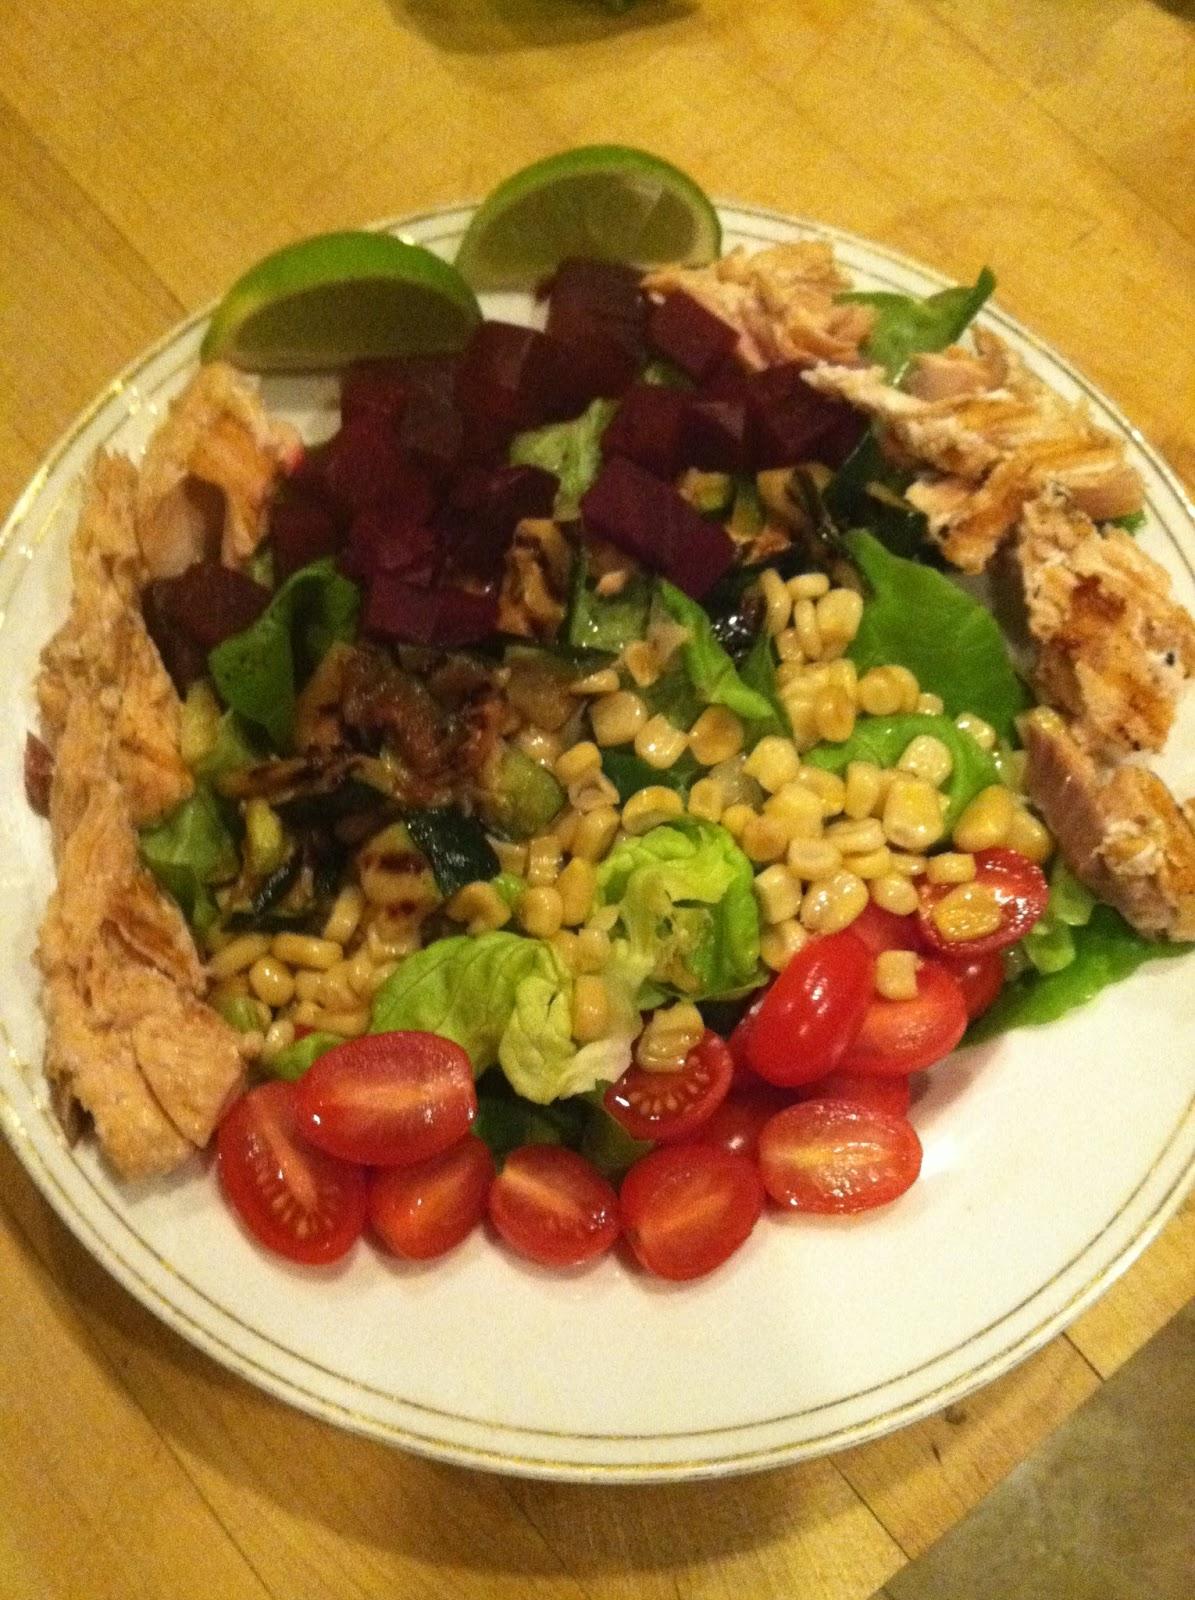 http://4.bp.blogspot.com/-dbz8-zN7Oog/UP7YRxJScQI/AAAAAAAACUc/iZqsD_wA7gI/s1600/Ivy+Salad.jpg